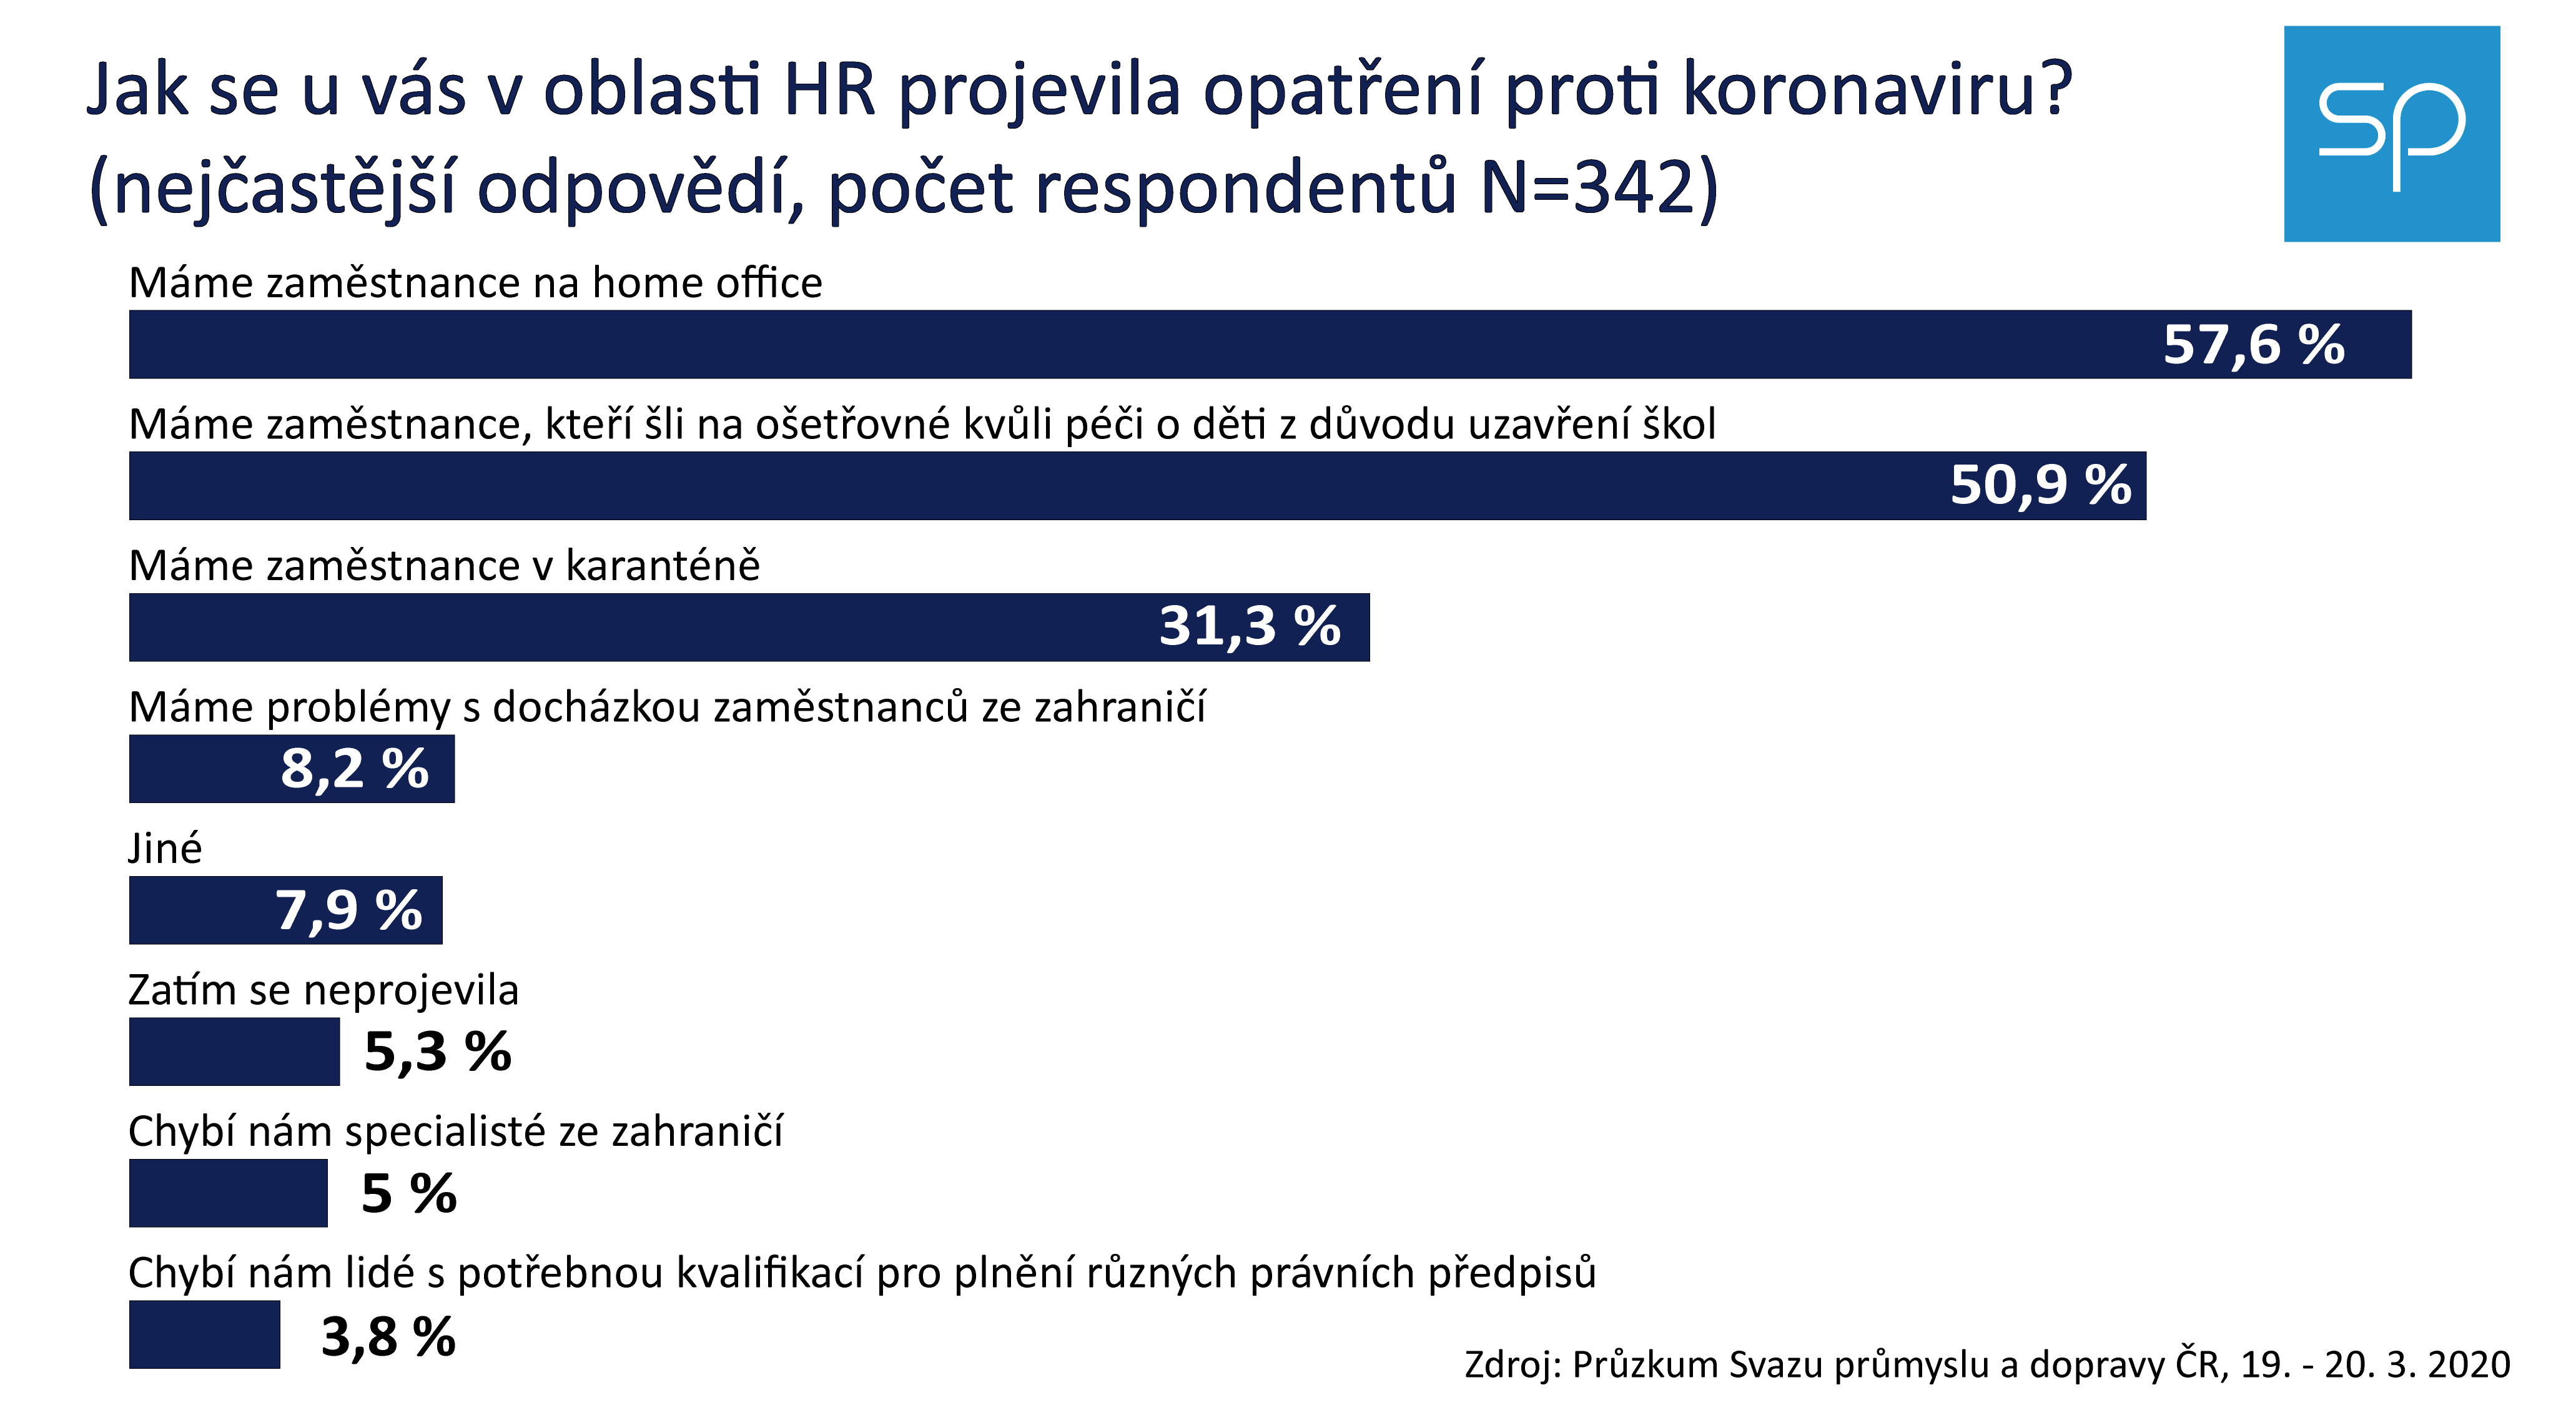 HR dopady koranavirus